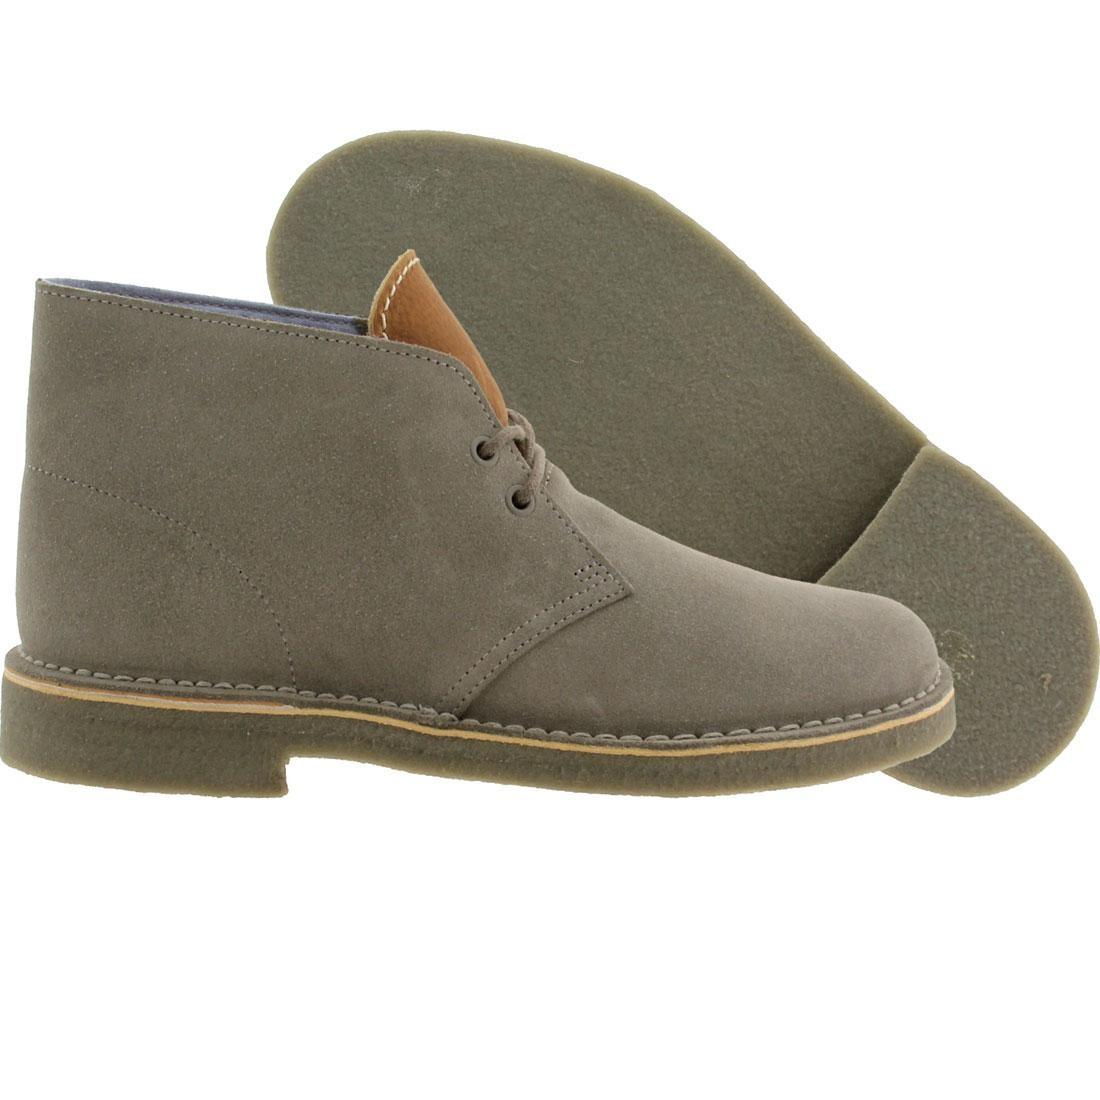 【海外限定】クラークス サプライ メンズ靴 靴 【 SUPPLY CLARKS X HERSCHEL CO MEN DESERT BOOTS GRAY SUEDE 】【送料無料】